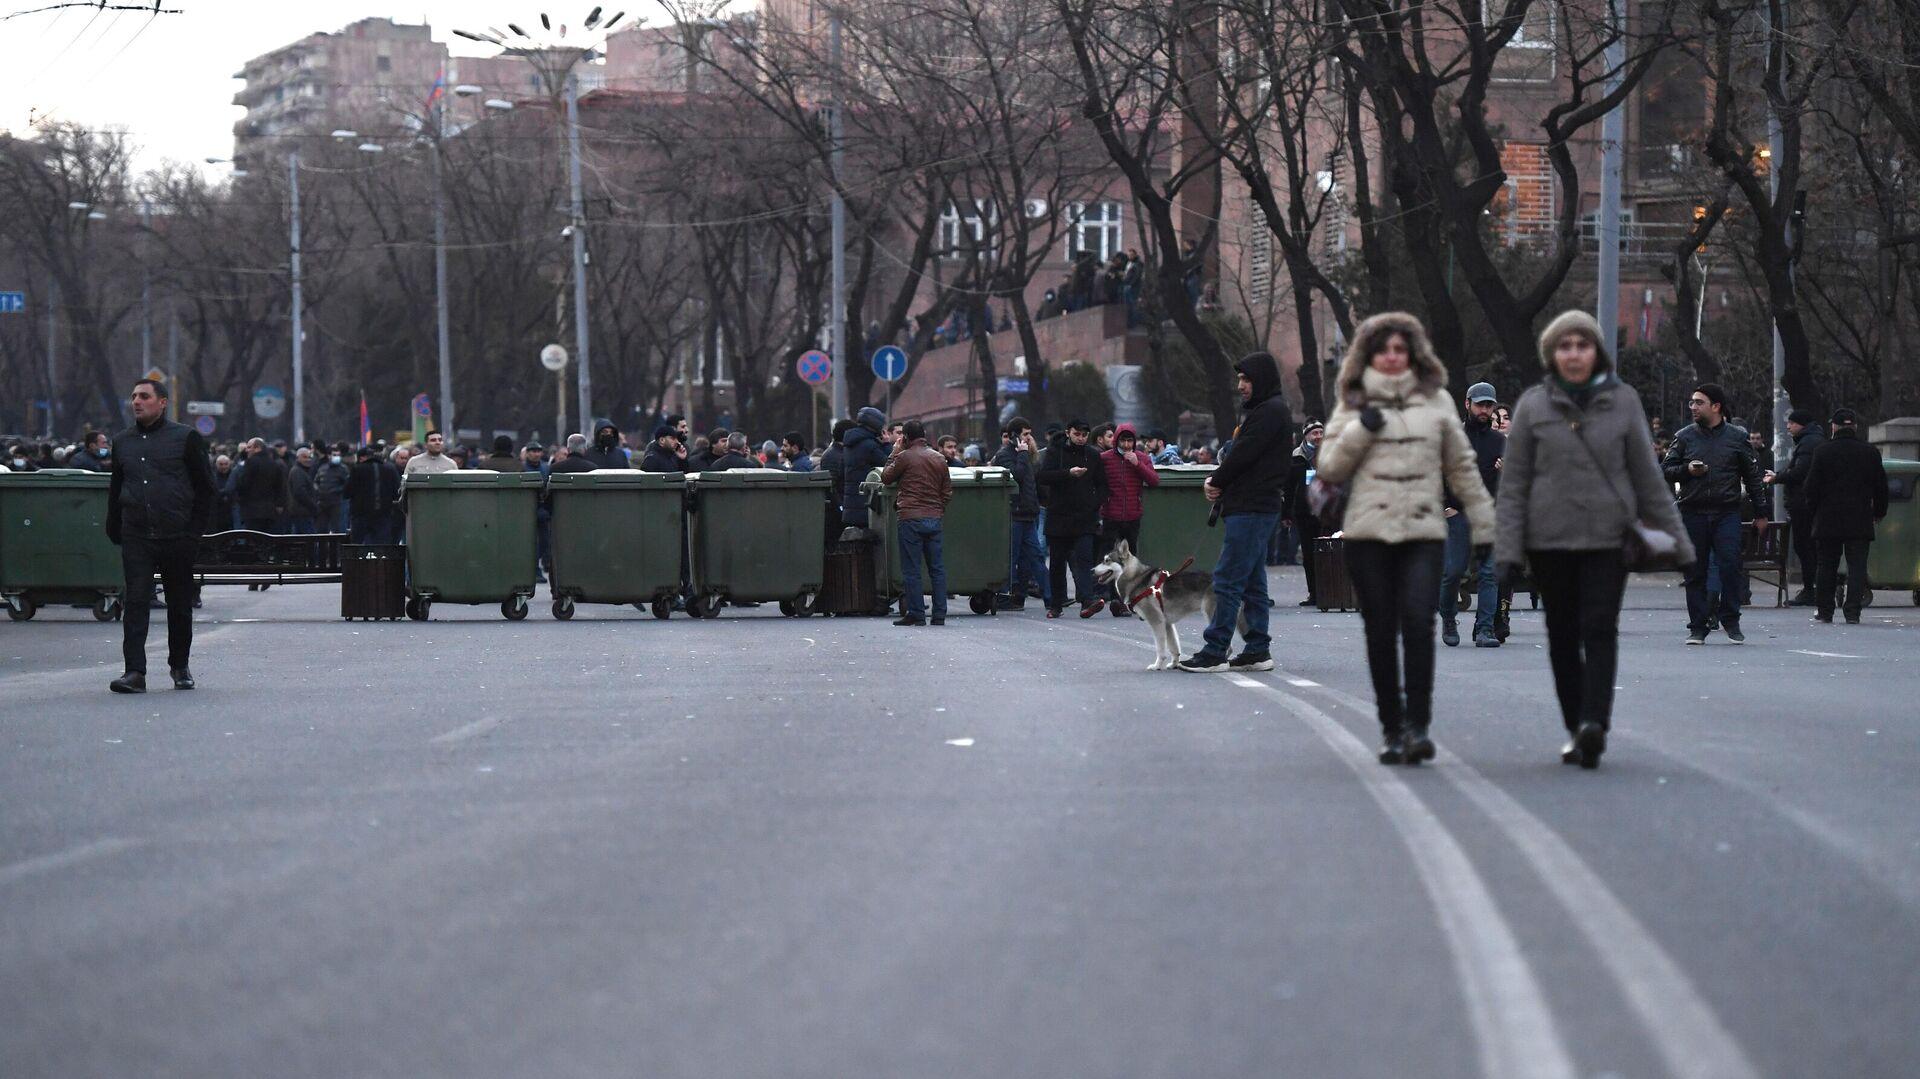 Оппозиционные активисты перекрыли проспект Баграмяна у здания Национального собрания Армении в Еревaне - РИА Новости, 1920, 25.02.2021